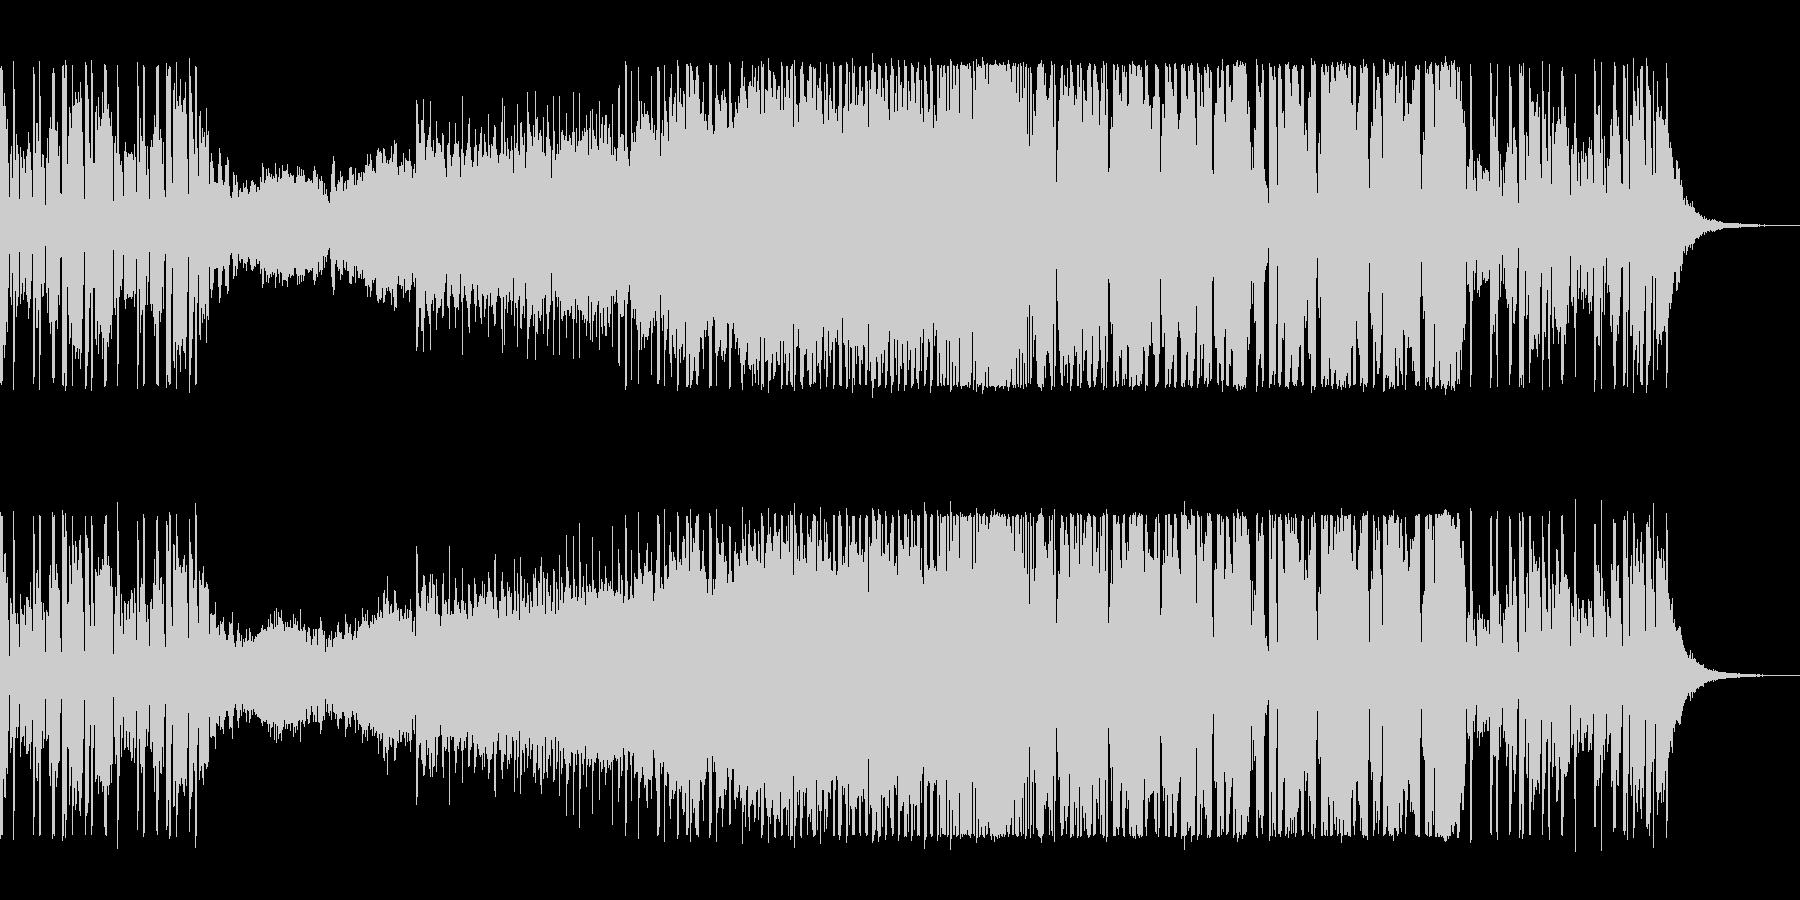 ゆったりキラキラのエレクトロポップの未再生の波形